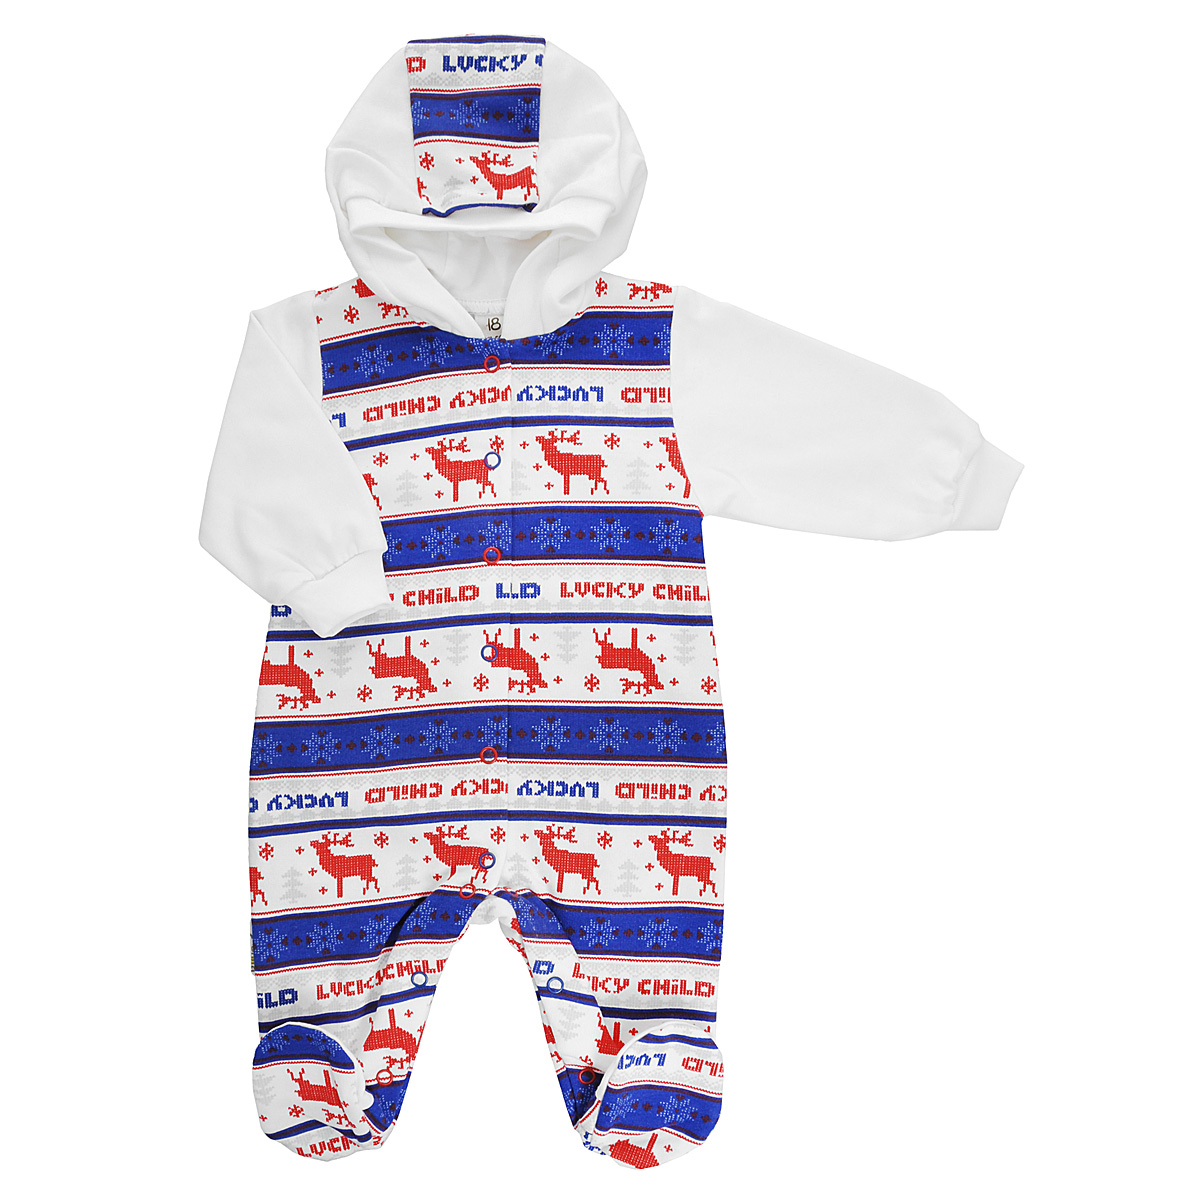 Комбинезон детский Lucky Child, цвет: молочный, синий, красный. 10-3. Размер 80/86 пижама для девочки lucky child цвет кремовый желтый оранжевый 12 402 размер 80 86